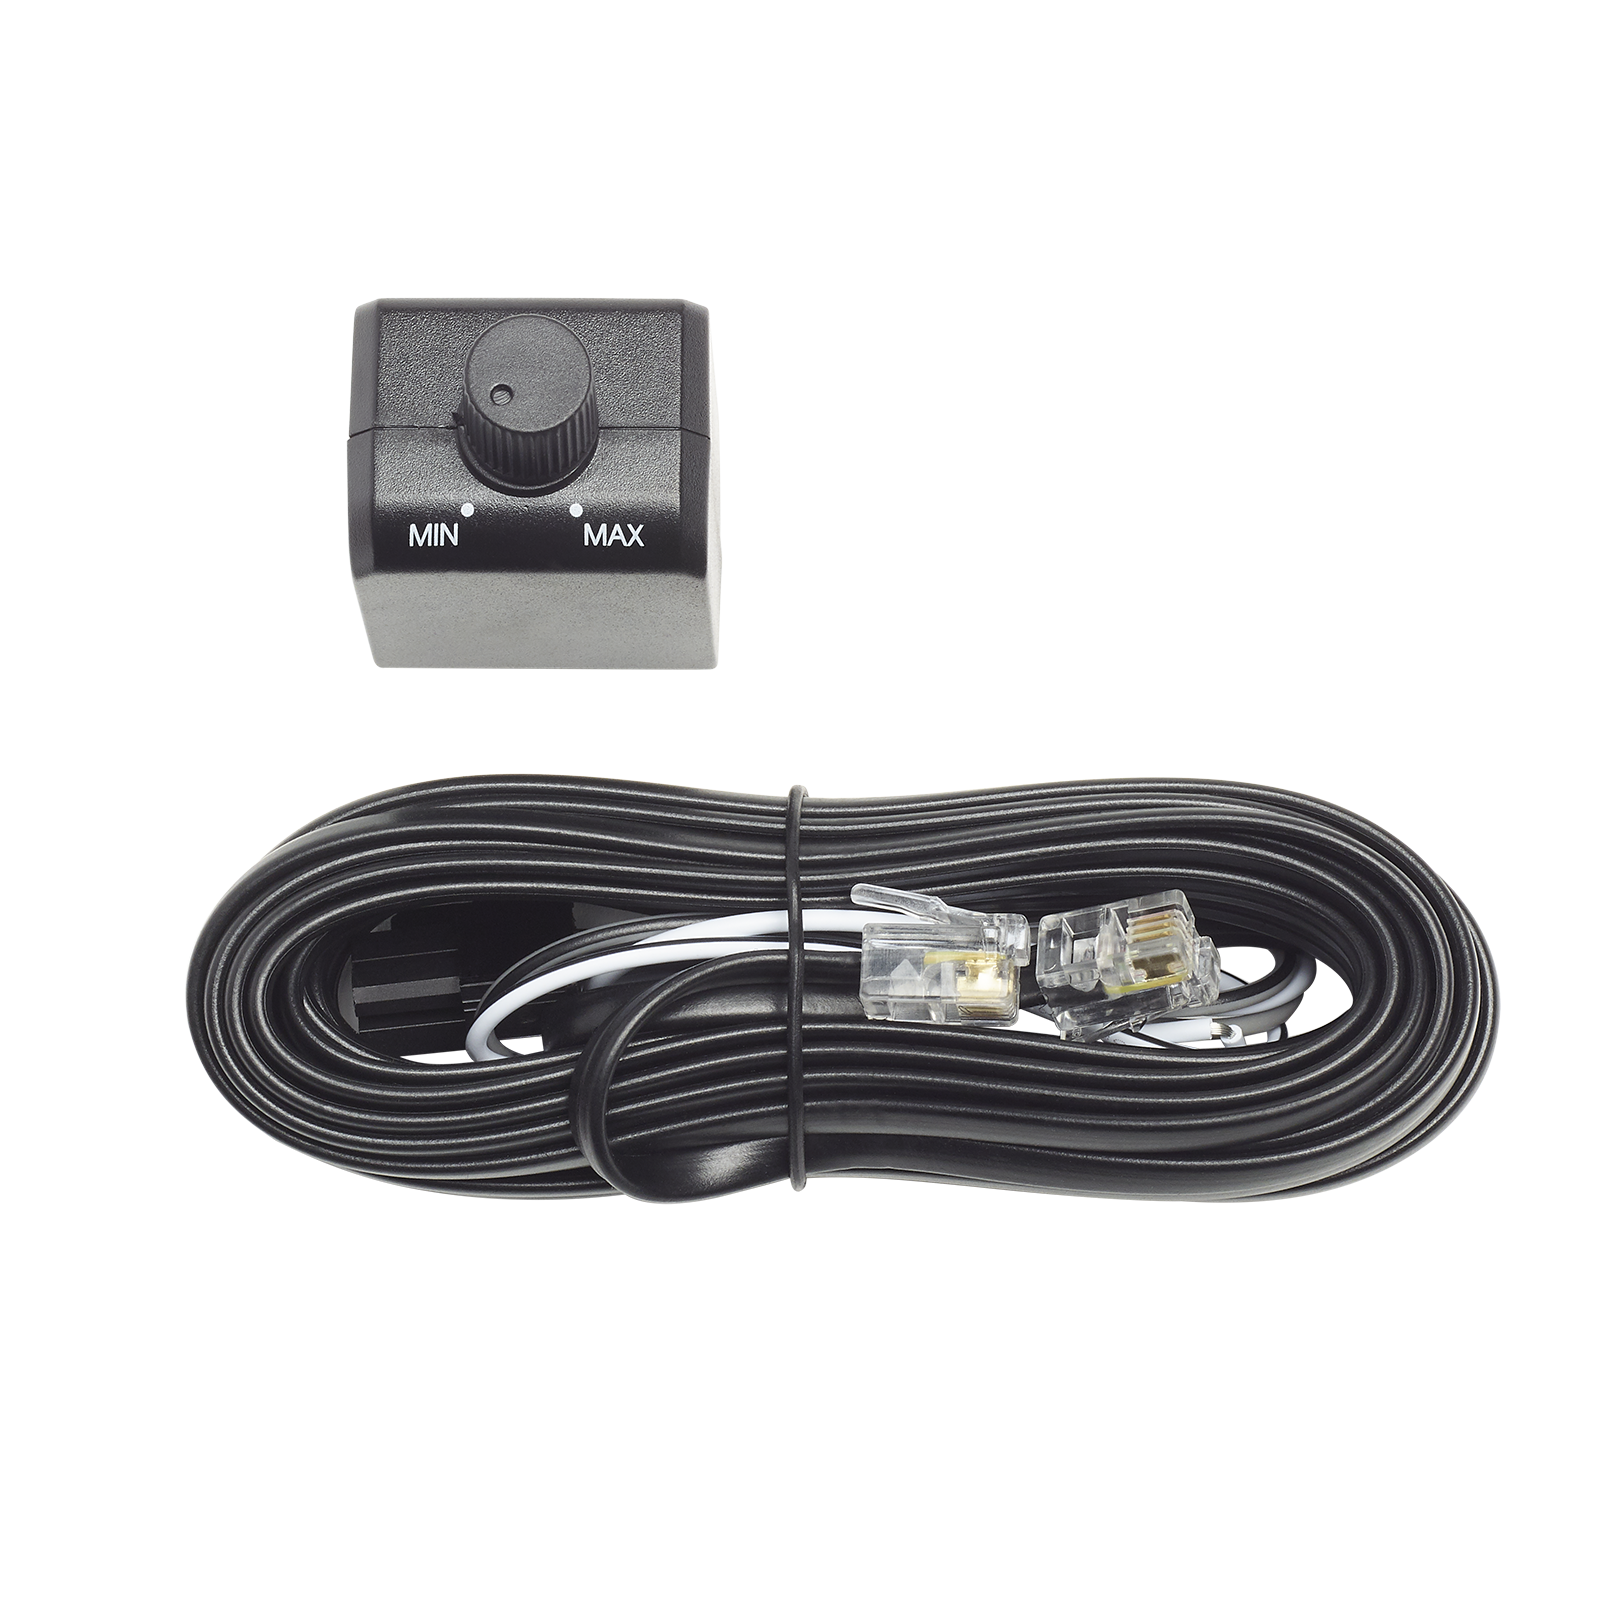 """JBL BassPro 12 - Black - 12"""" (300mm) Car Audio Powered Subwoofer System with Slipstream Port Technology - Detailshot 1"""